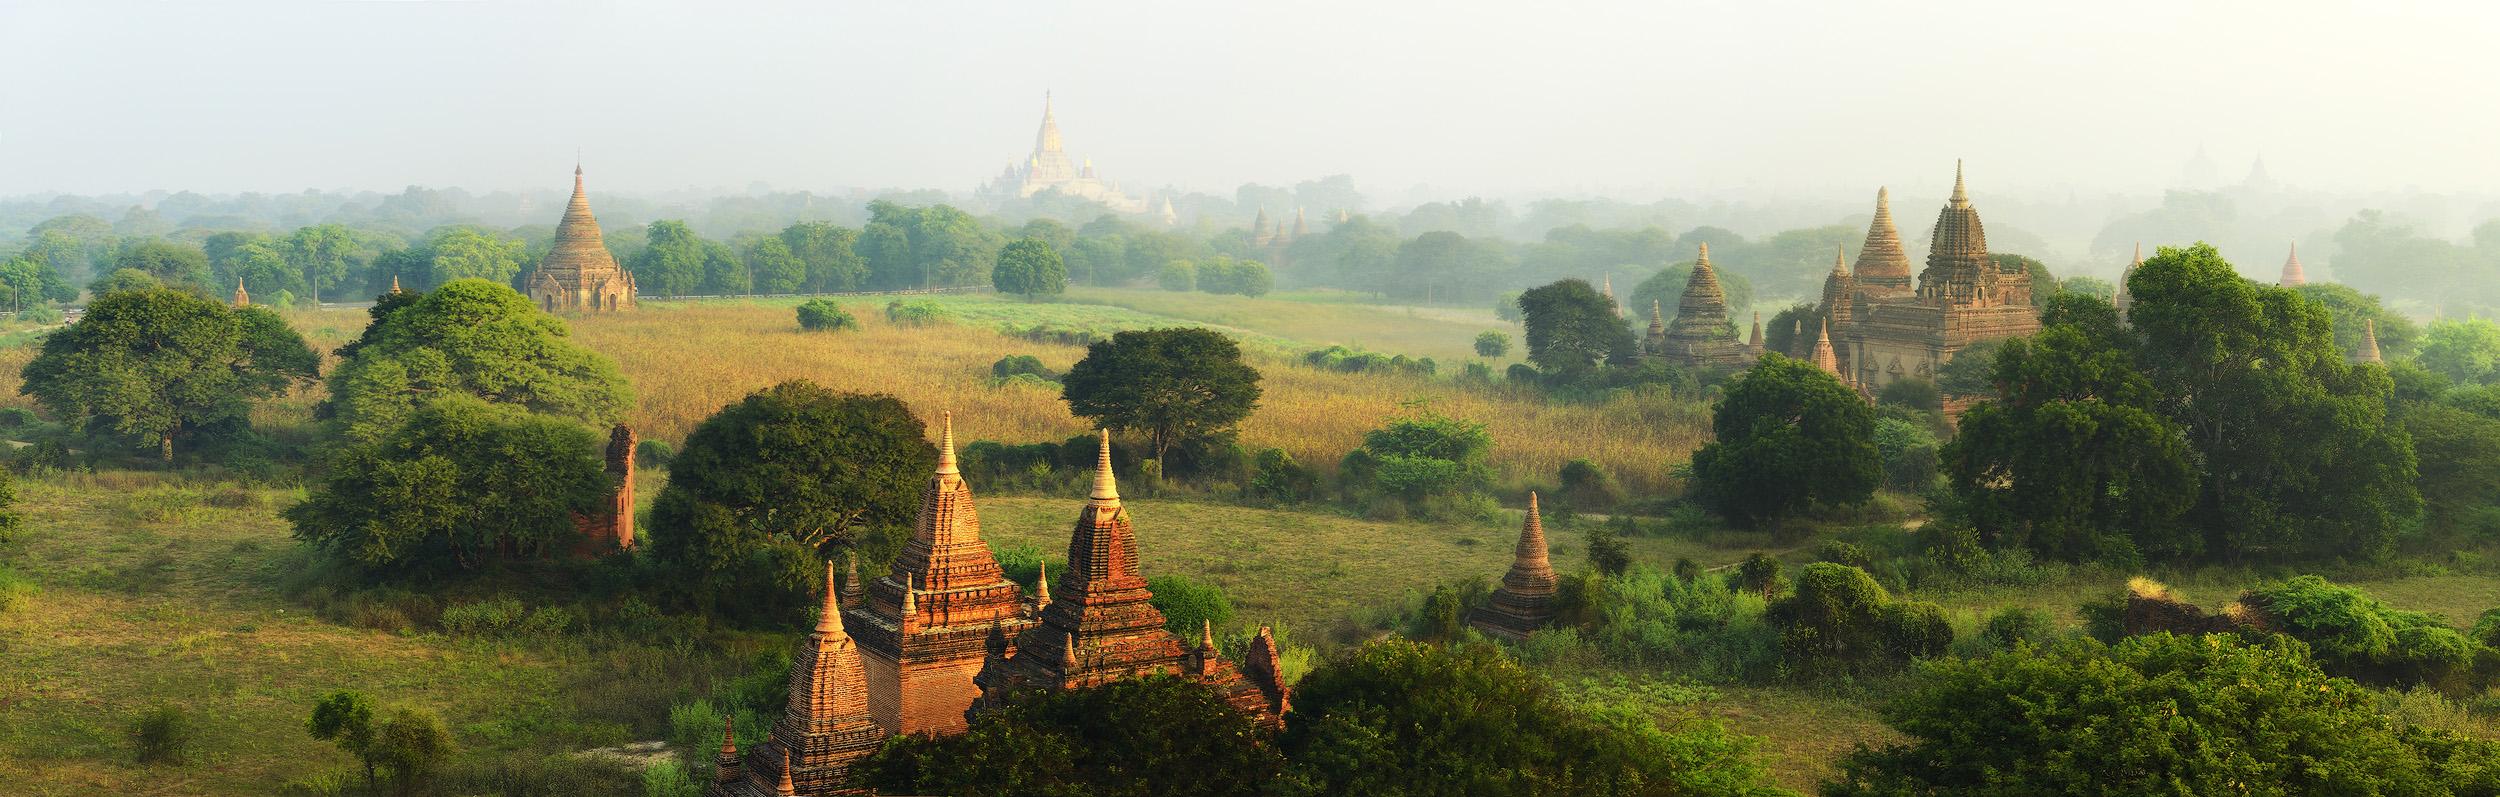 Bagan131 Pano copy.jpg